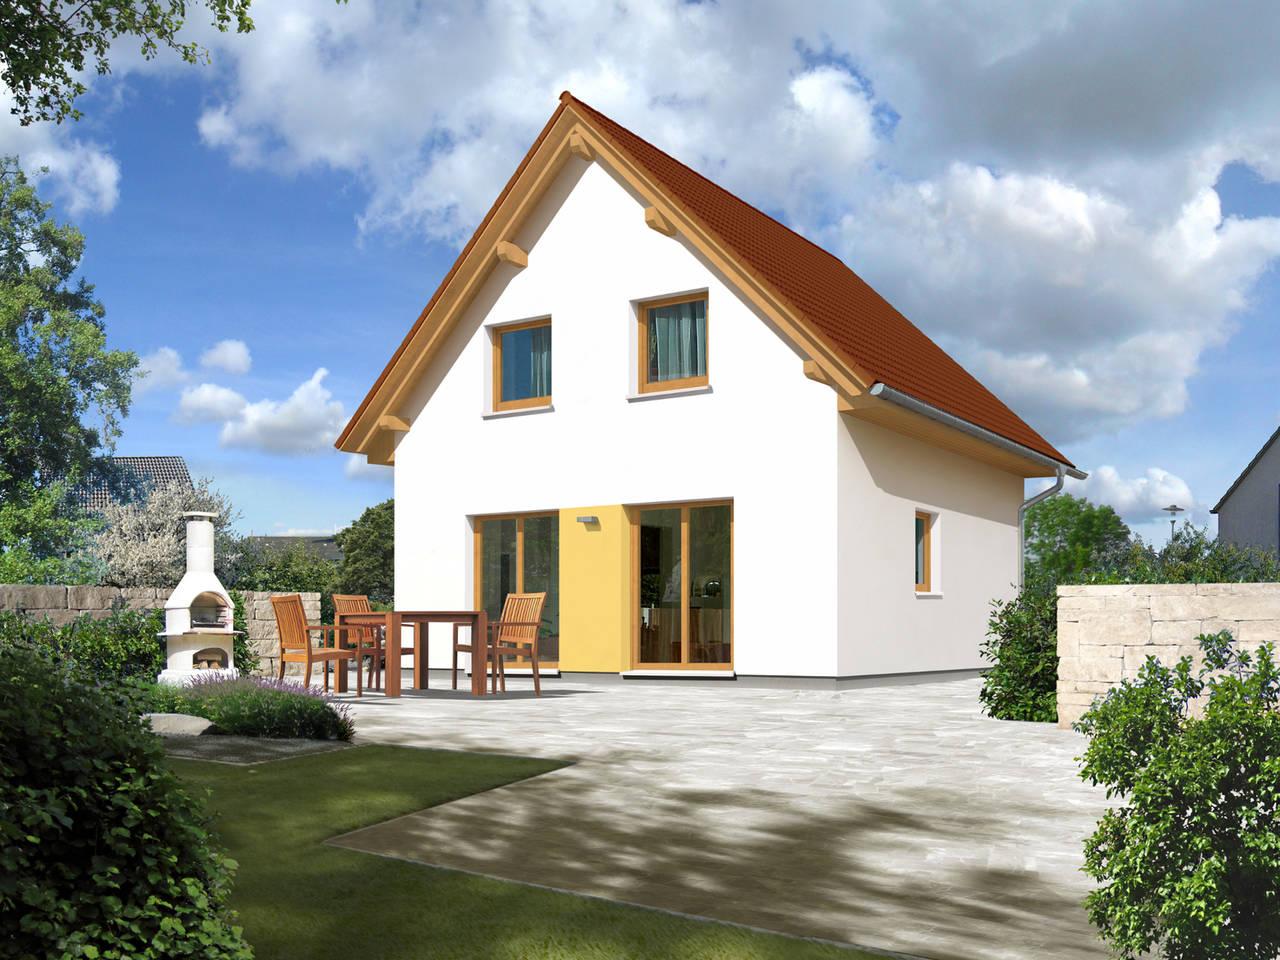 Haus Aspekt 90 - Bauprojektierung Meyer